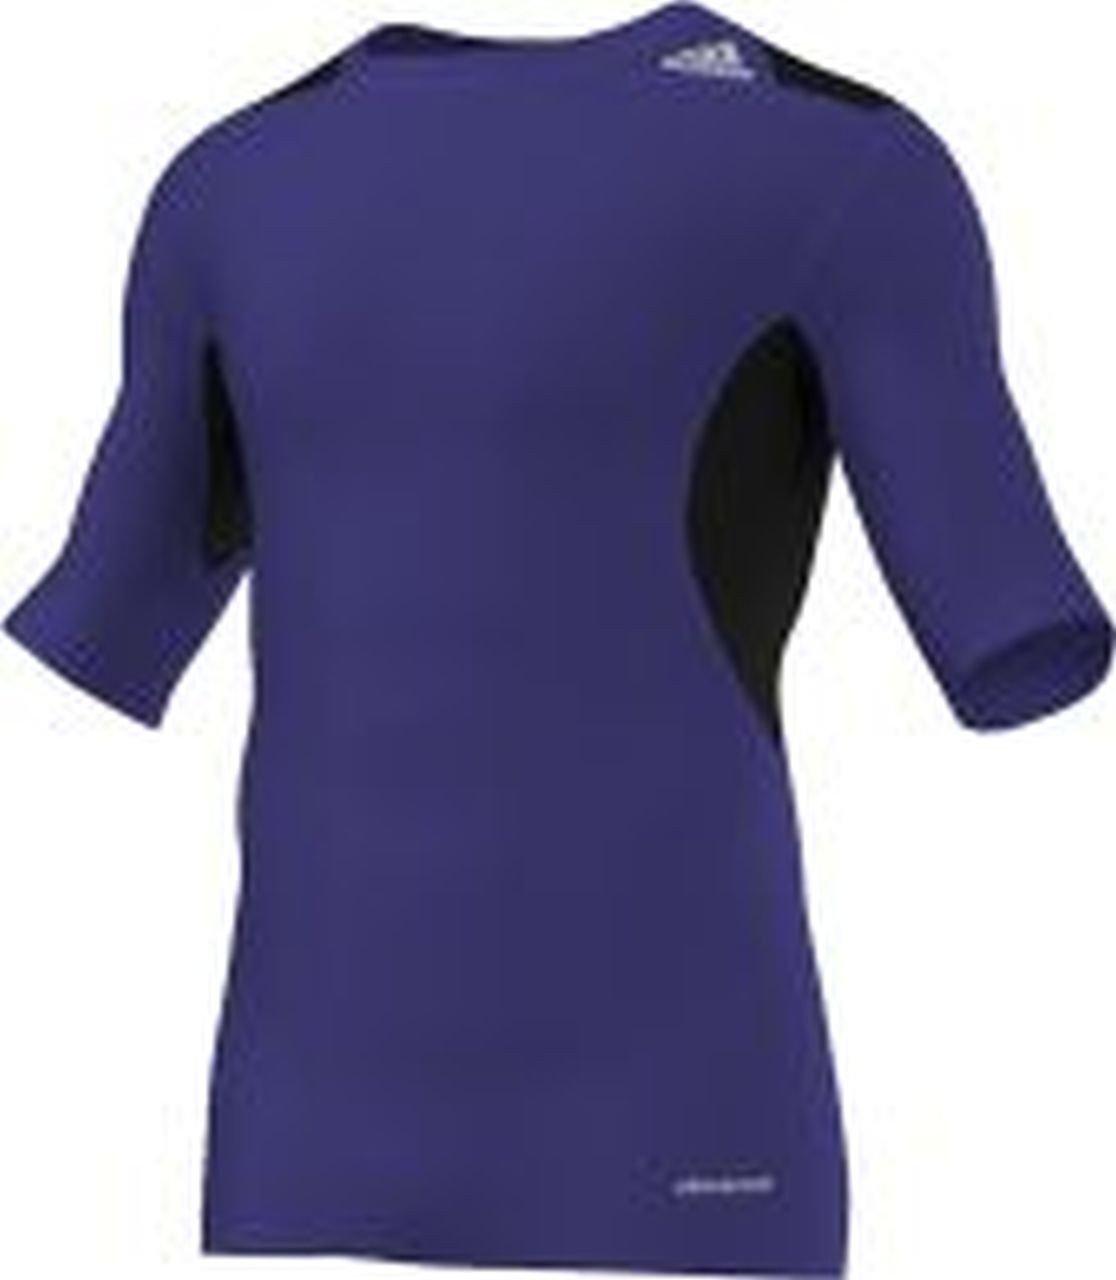 adidas Techfit Powerweb Men's Short-Sleeved Shirt